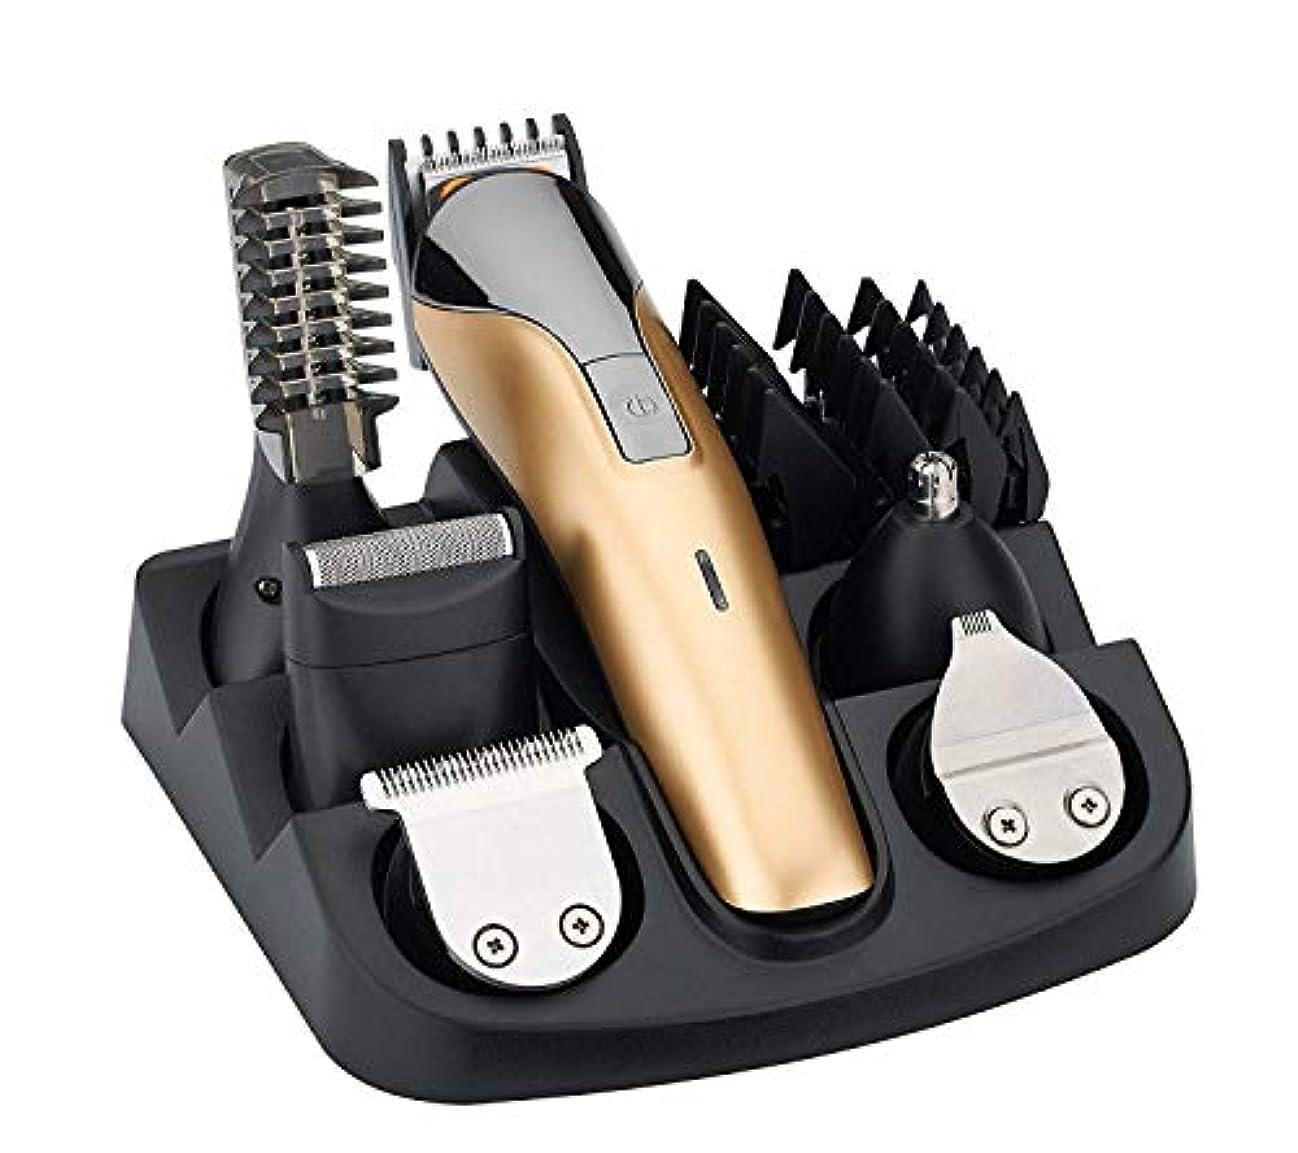 メモ文芸拾うバリカン男性電気かみそりのひげのトリマー、かみそりの鼻の盲目の角度のトリマーの美容師セット多機能電気バリカンバリカン